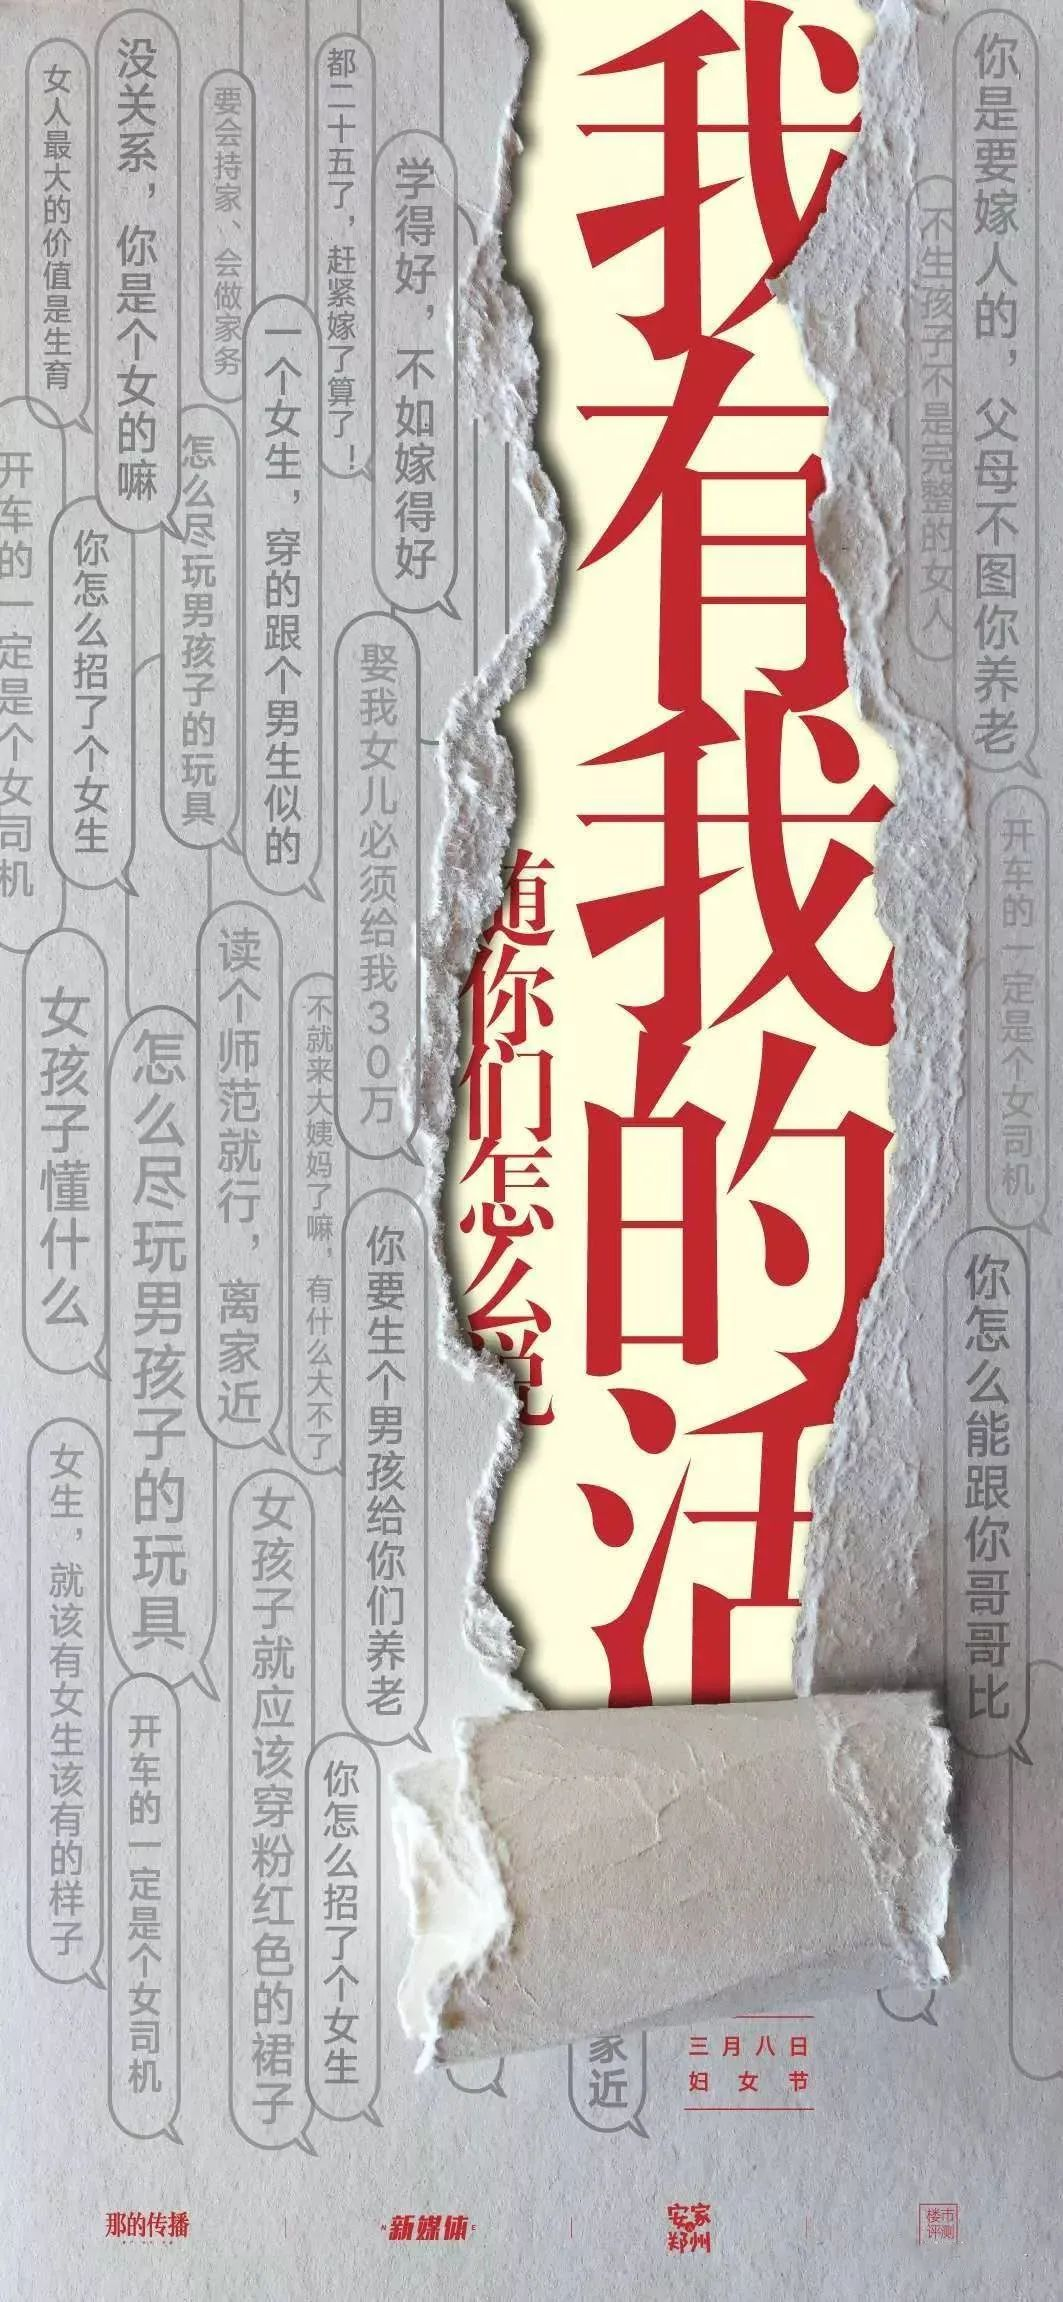 三八女神节 | 文案祝福:愿以美好,呵护你的高光!插图14